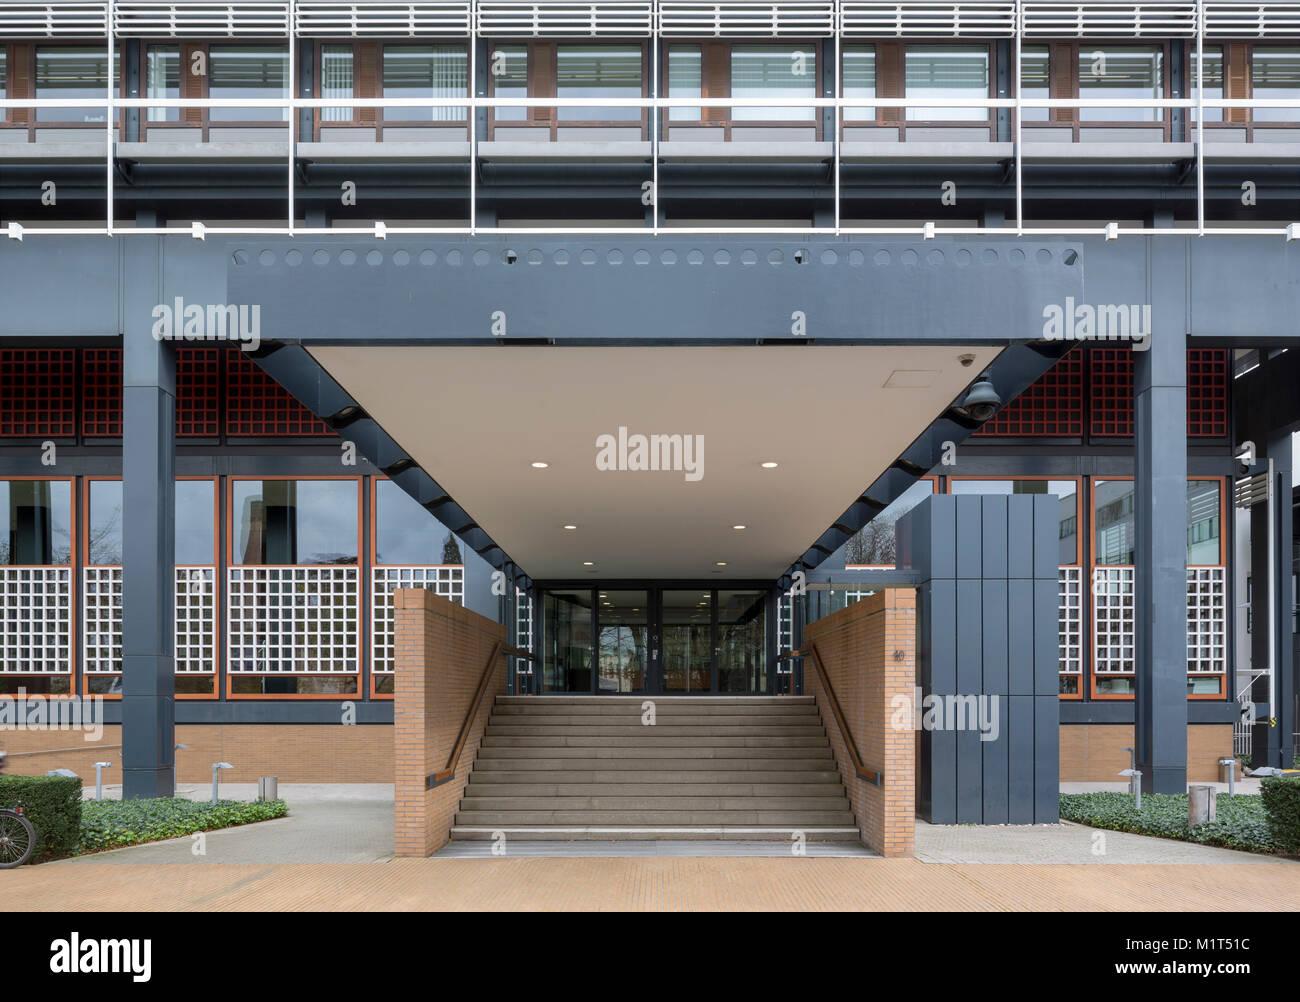 Bonn, Regierungsviertel (Bundesviertel, parlamentsviertel), ehemaliges Abgeordnetenhochhaus â € žLanger Eugenâ € oe, 1966-1969 von Egon Eiermann erbaut, er Stockfoto